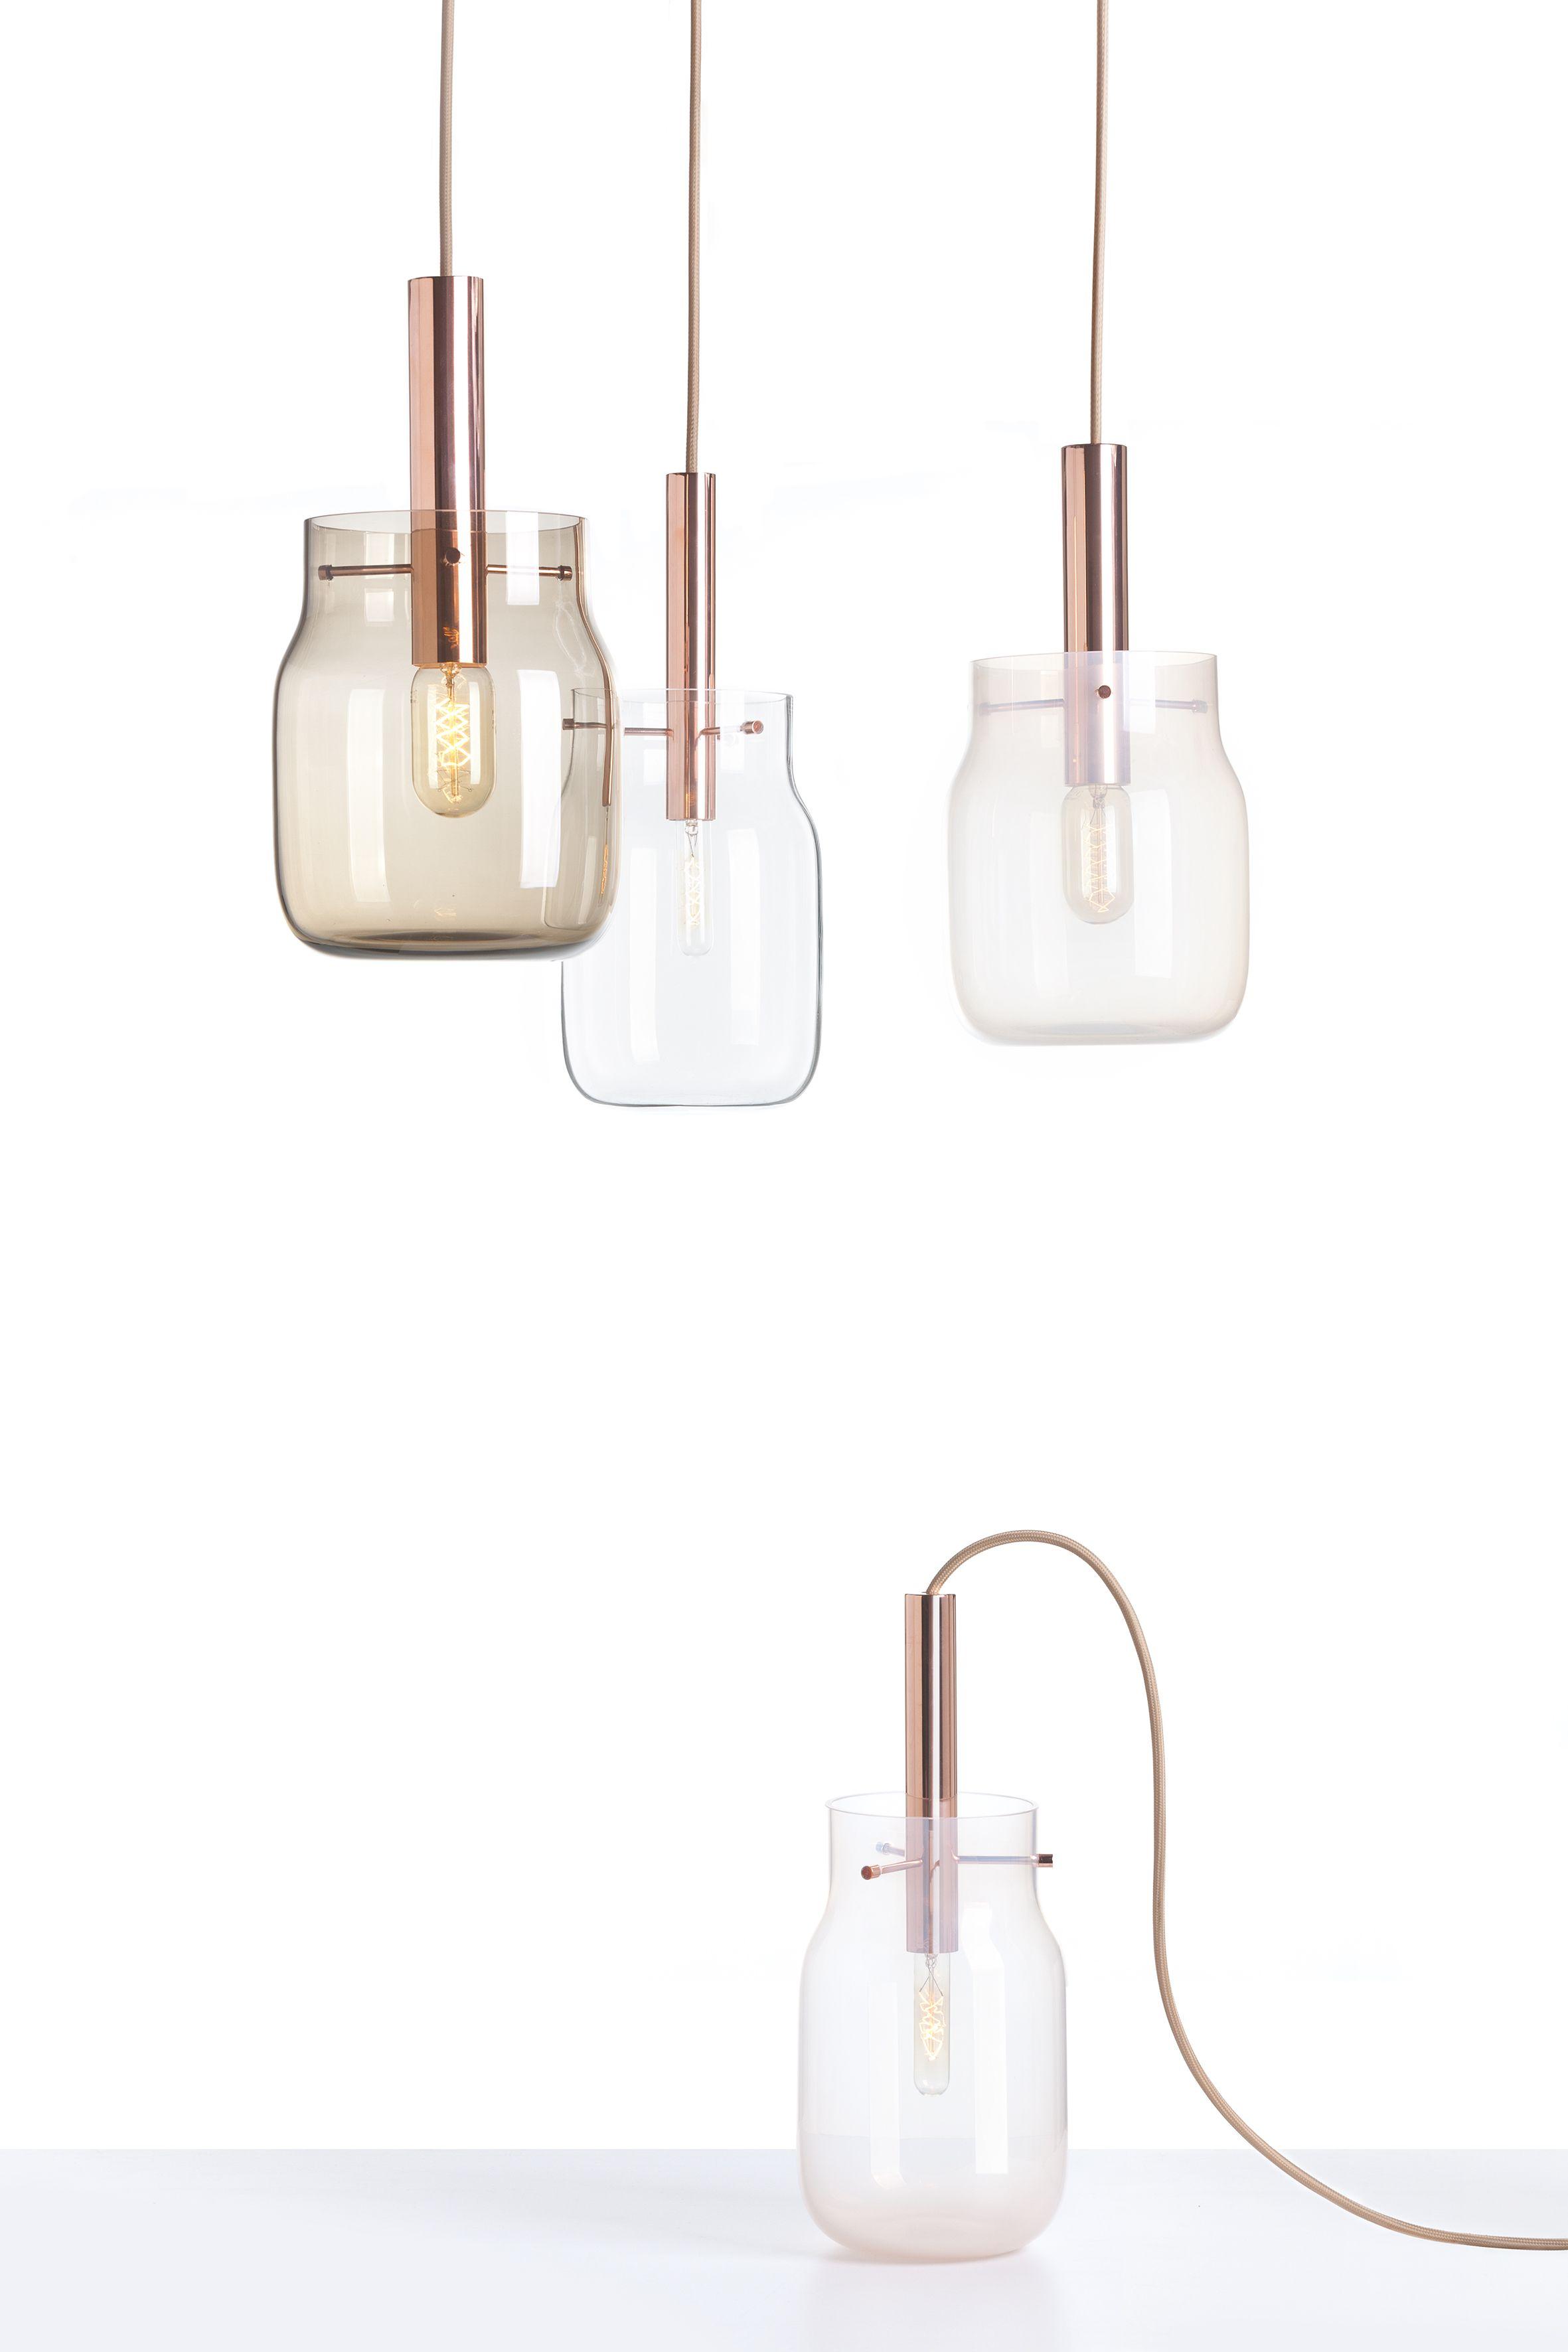 Bandaska light_smoke_crystal_nude glass